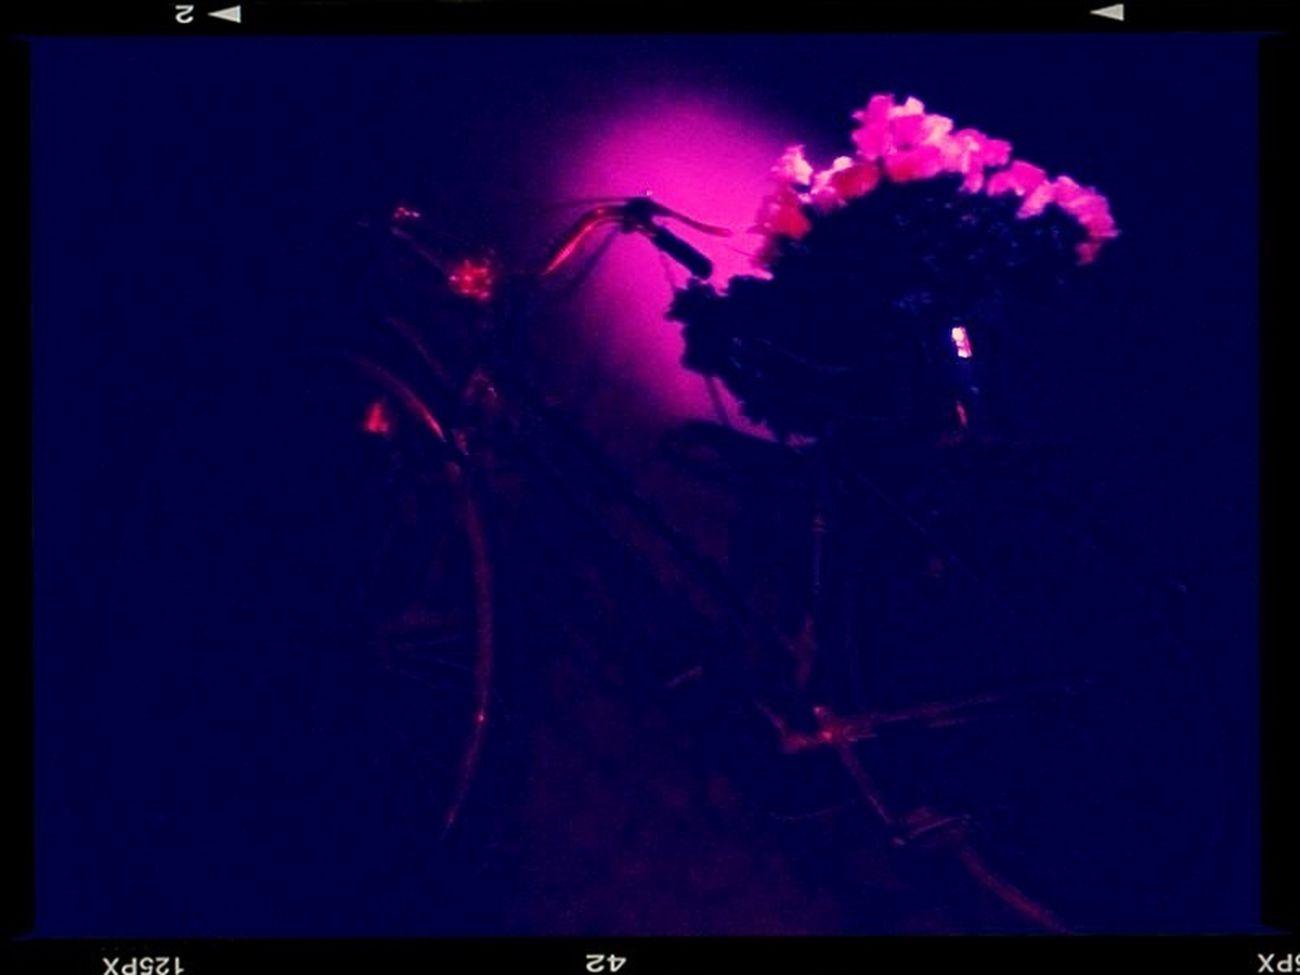 Flower Fiets